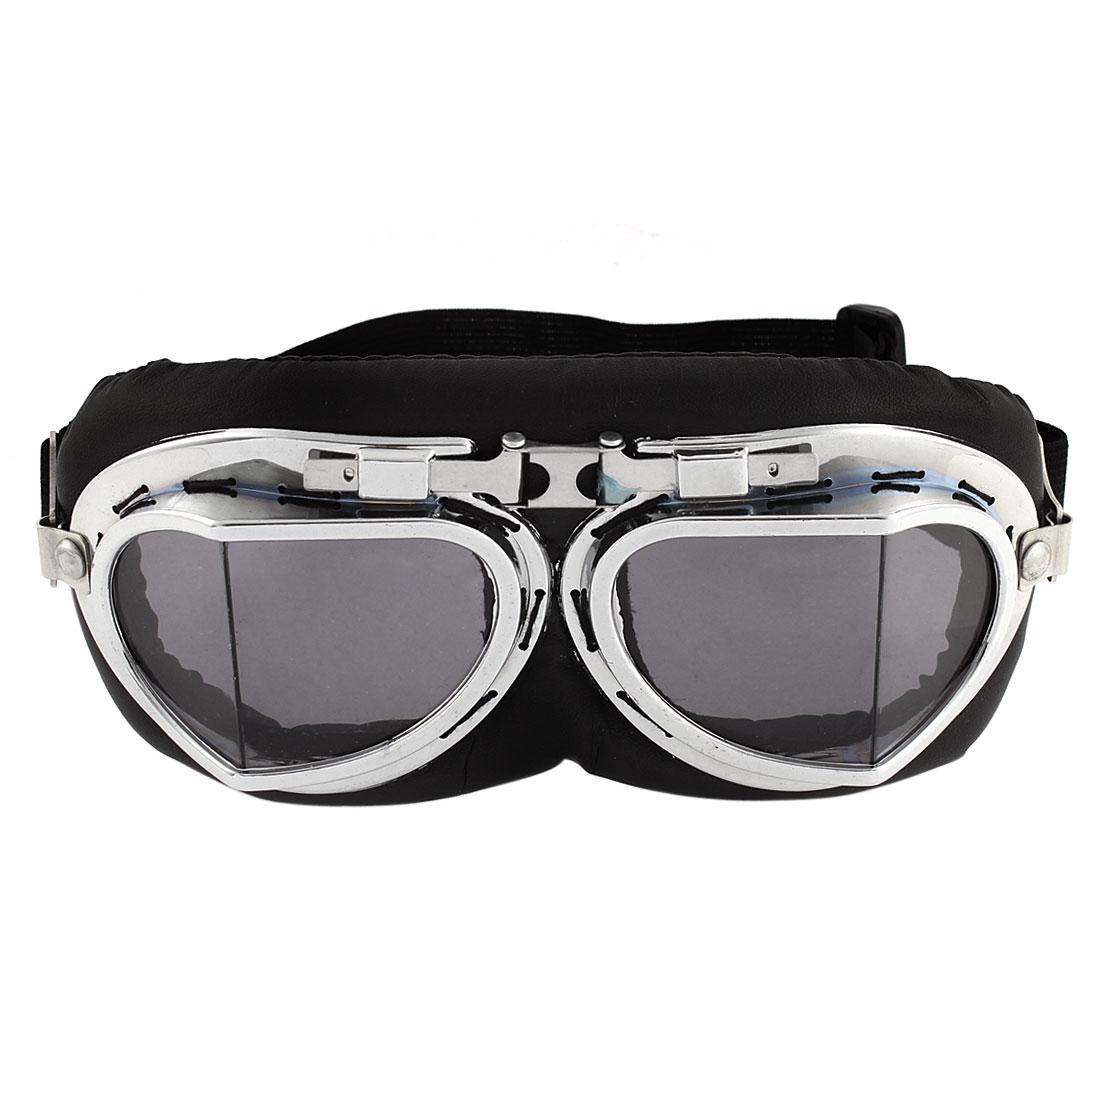 Full Frame Adjustable Strap Black Lens Ski Motorcycle Goggles Wind Glasses